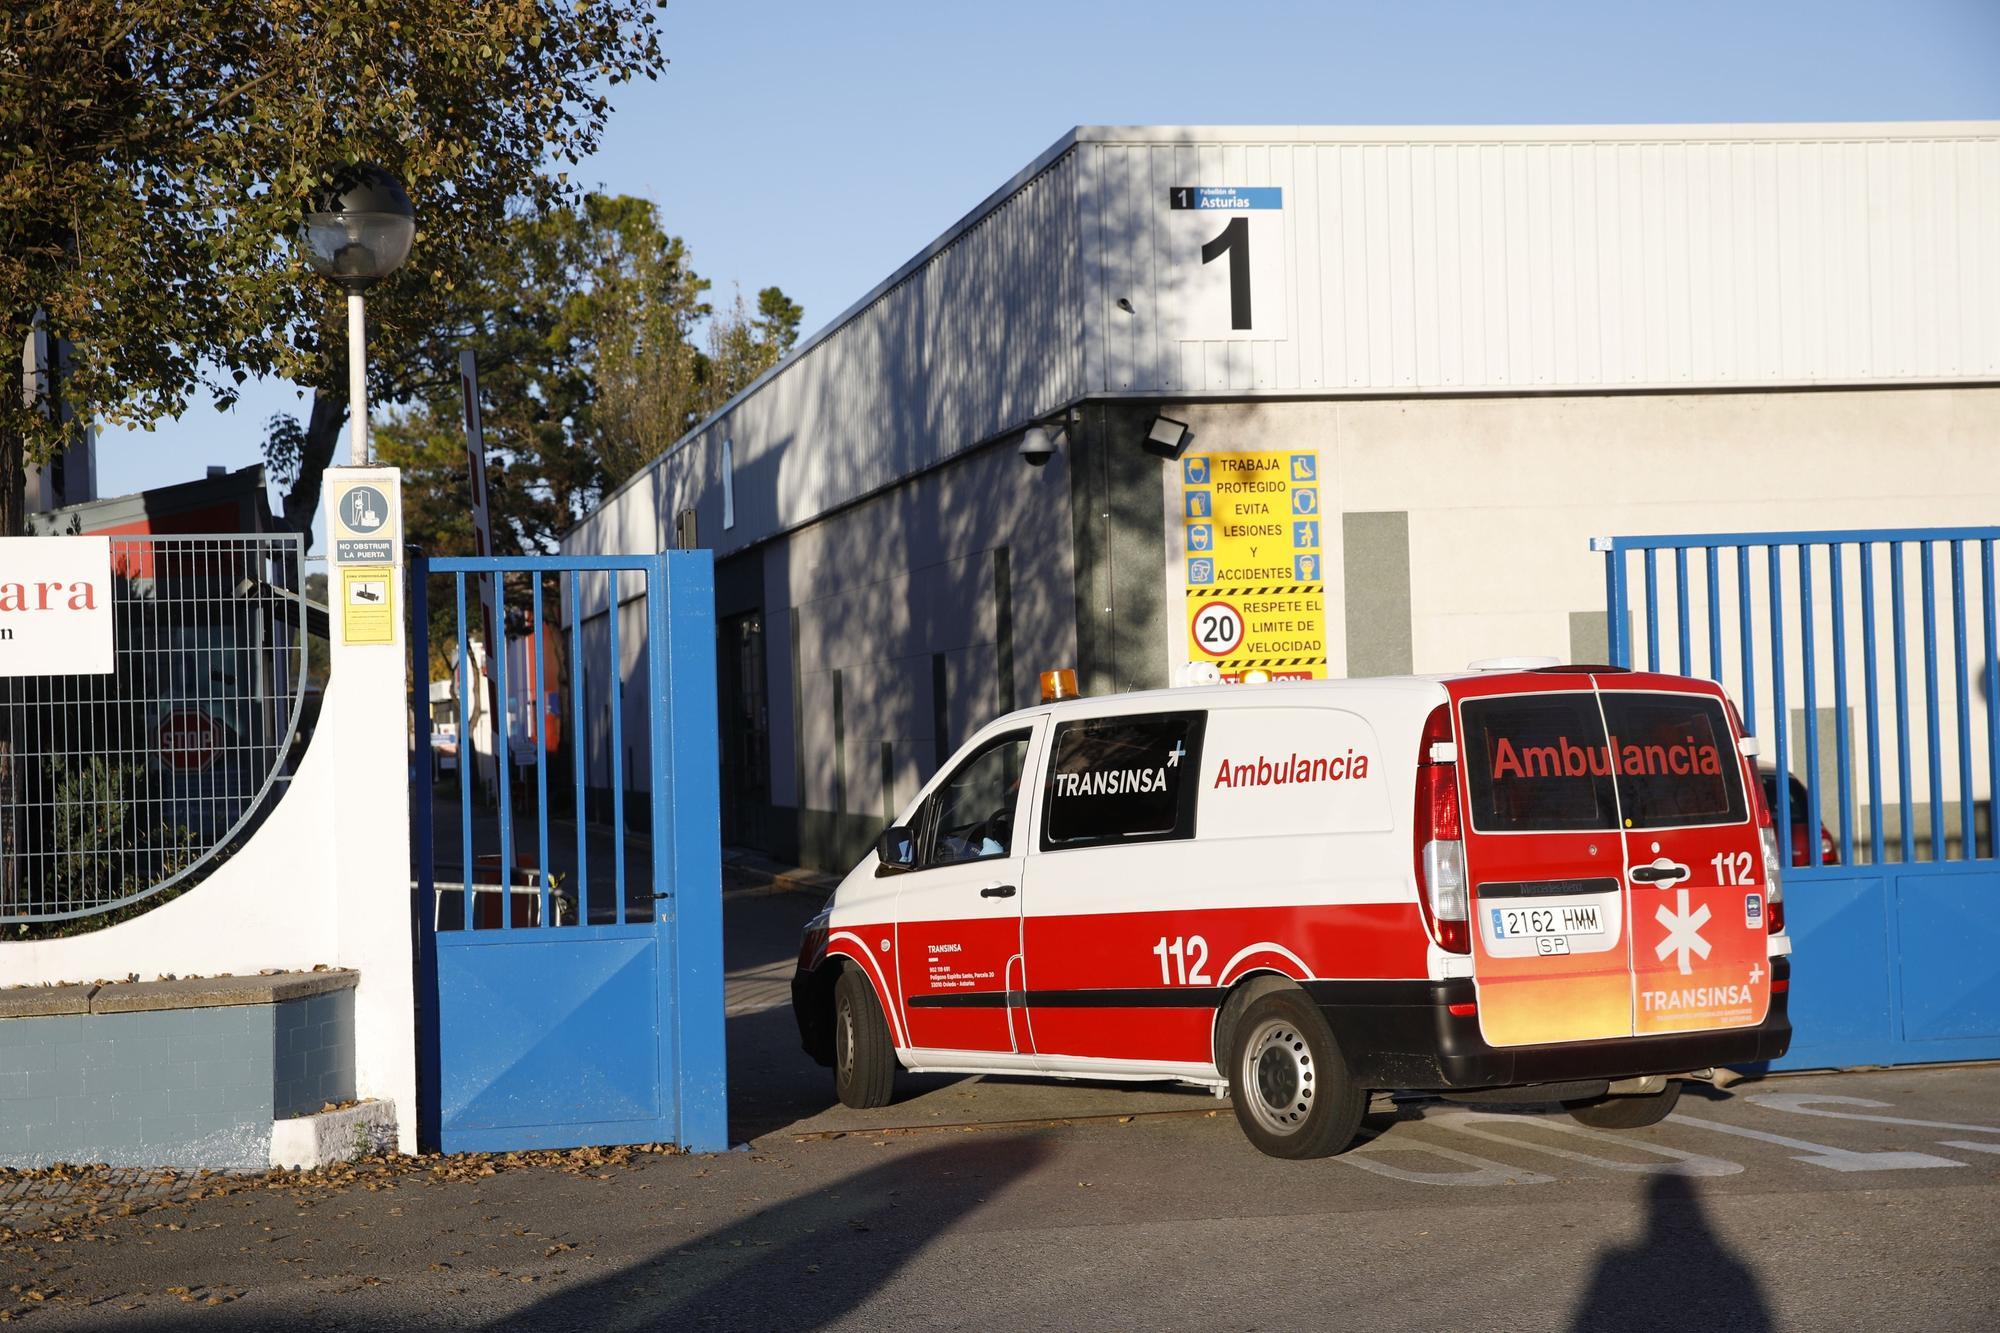 Llegan los primeros pacientes al hospital de la Feria de Muestras